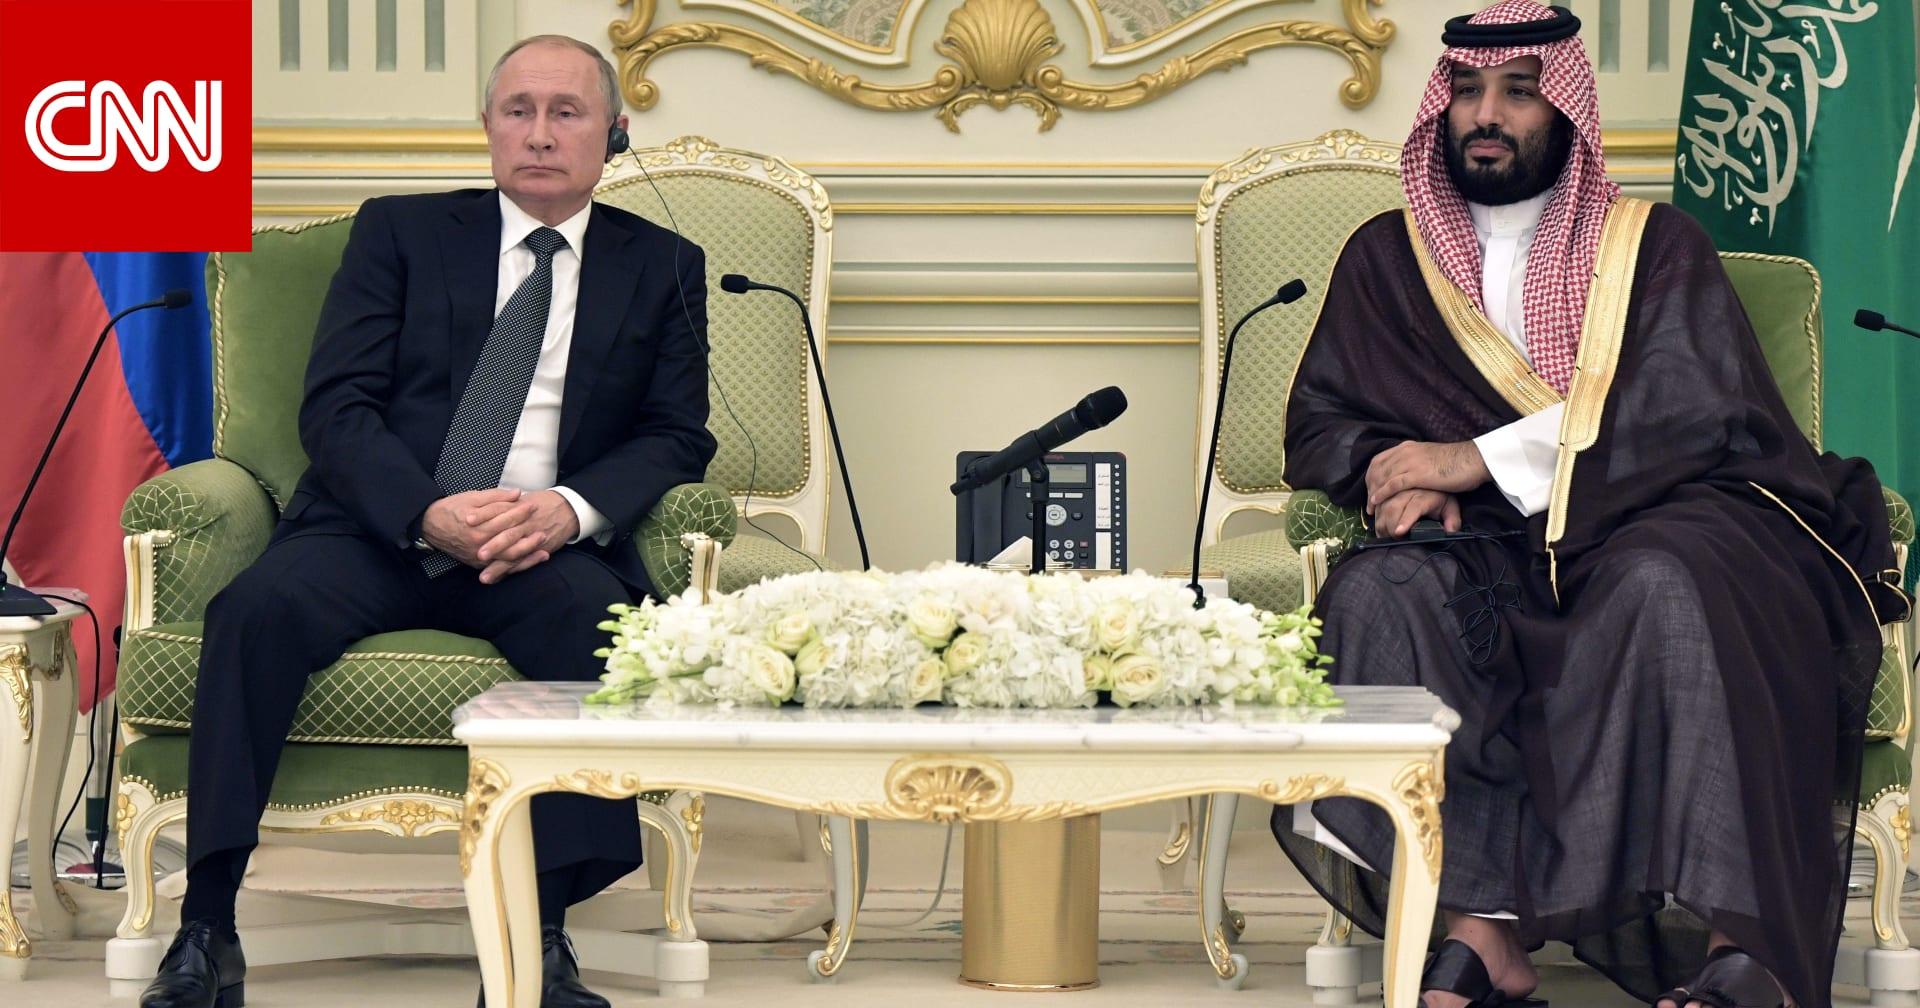 ولي العهد السعودي يصطحب بوتين في جولة في المنطقة التي شهدت تأسيس المملكة - CNN Arabic